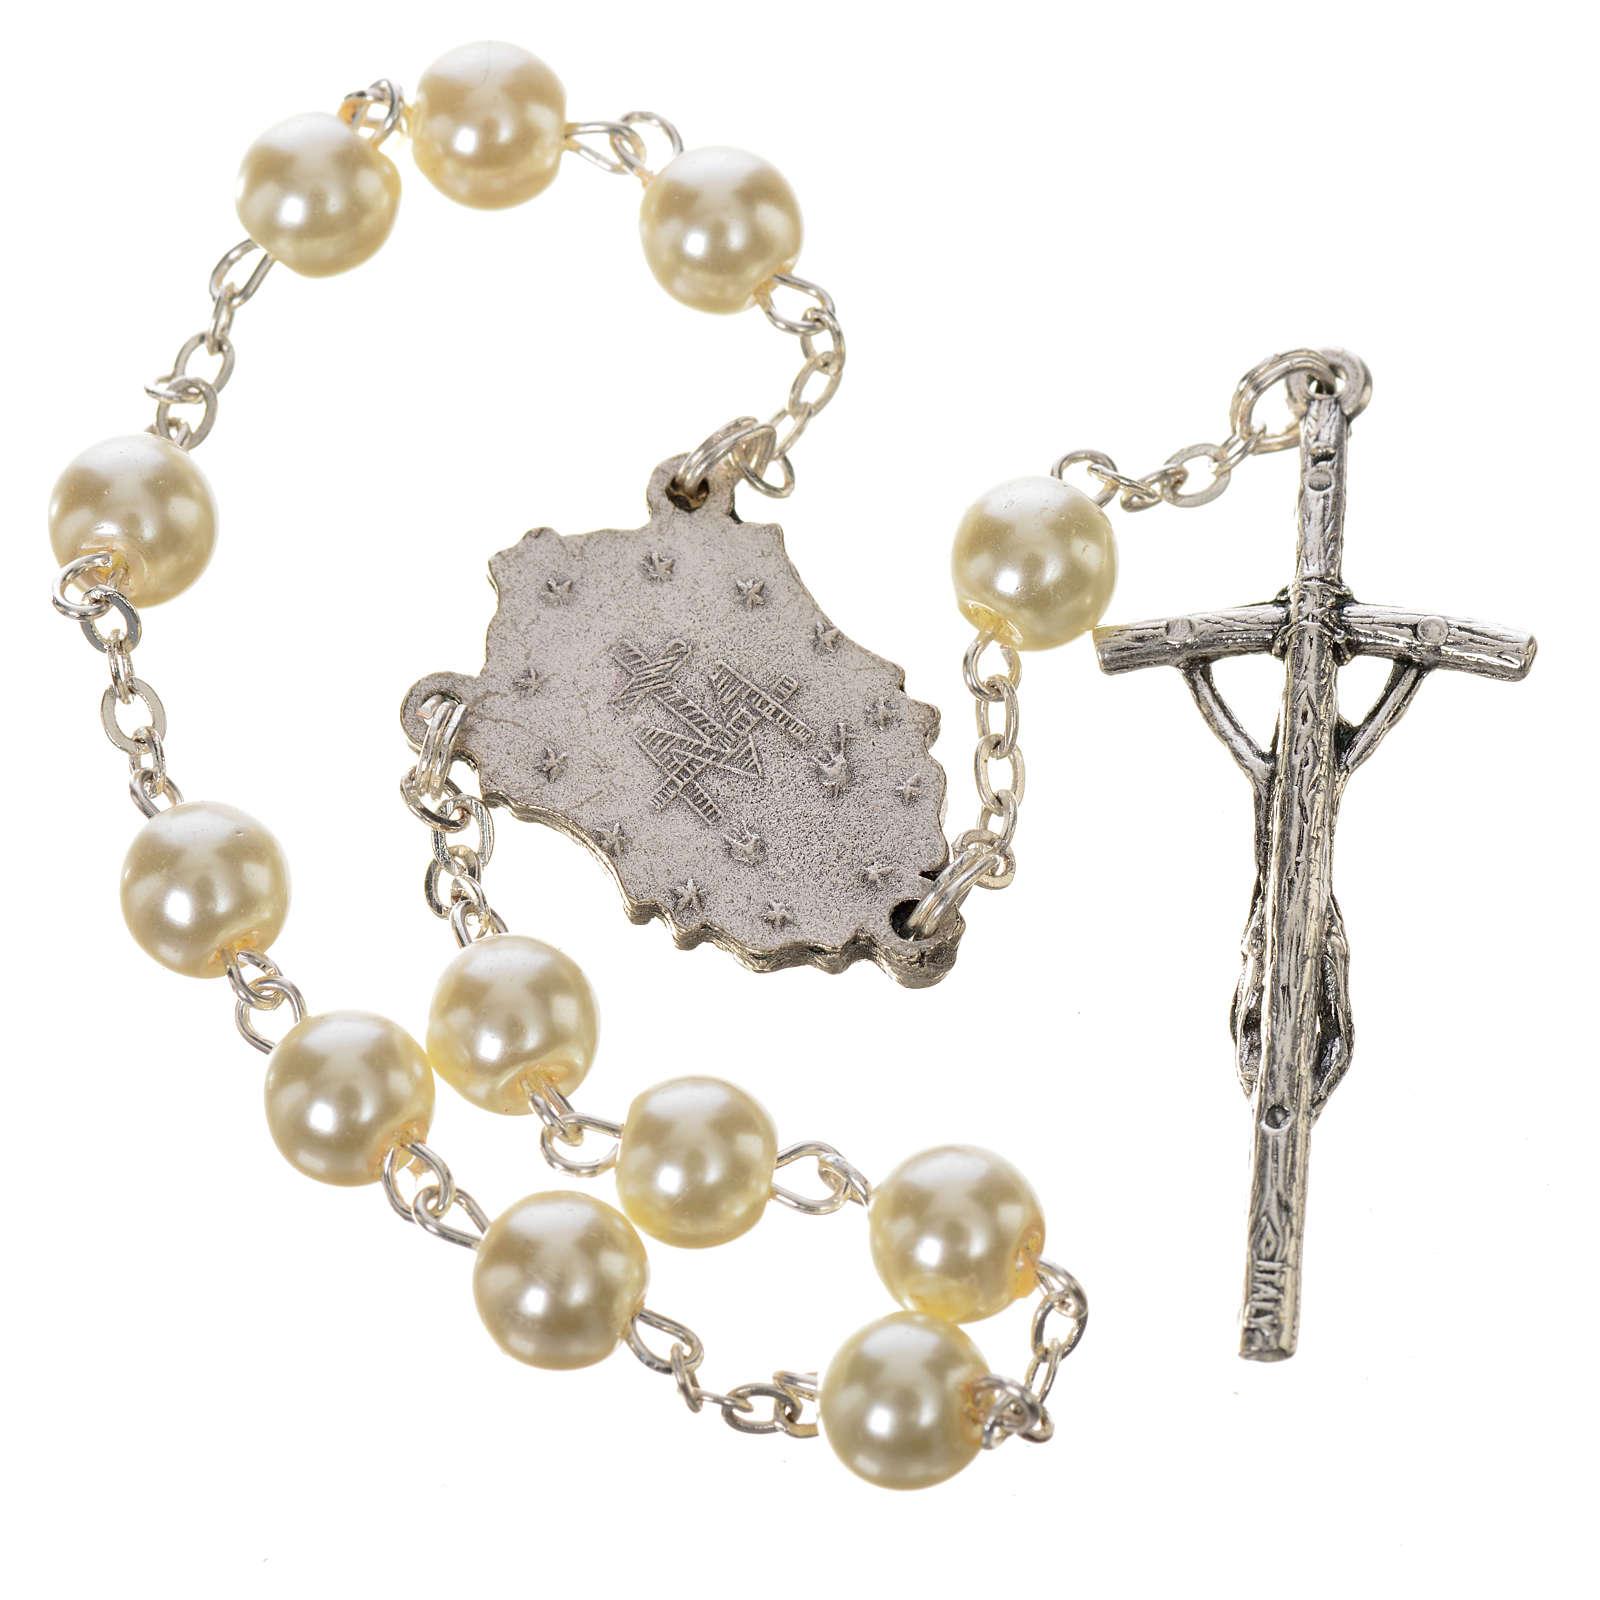 Trisagio Idente branco cruz peitoral medalha Milagrosa 4